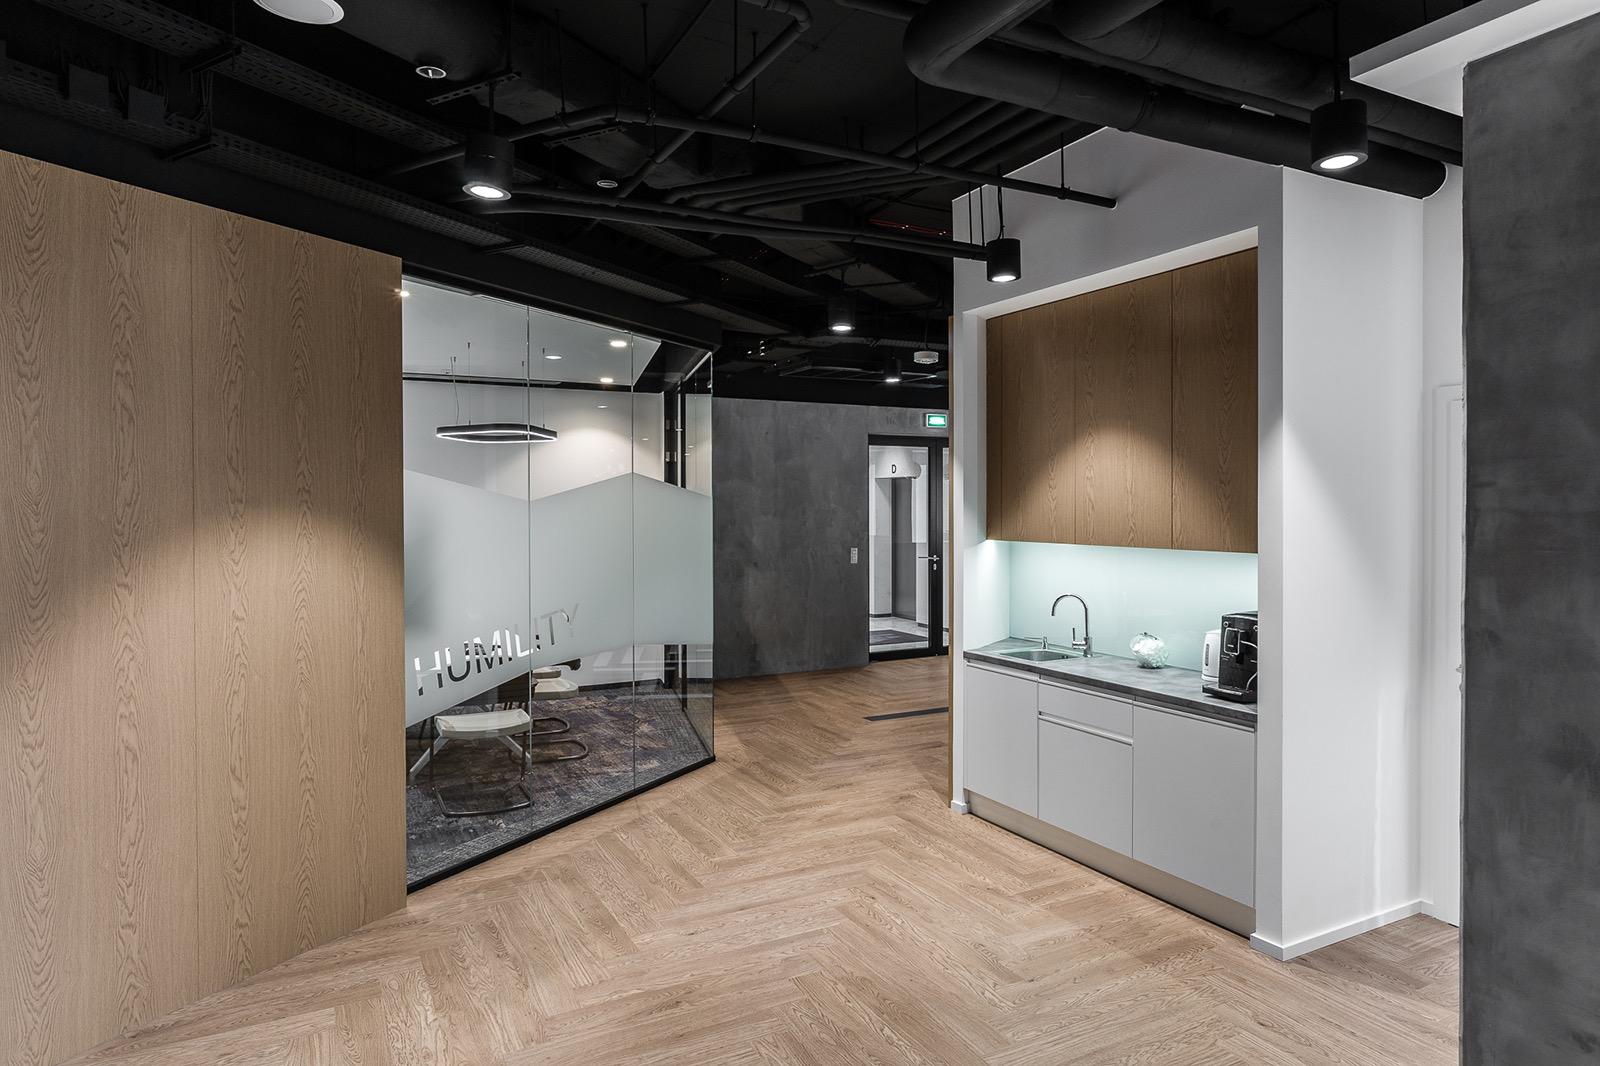 euronet-warsaw-office-5